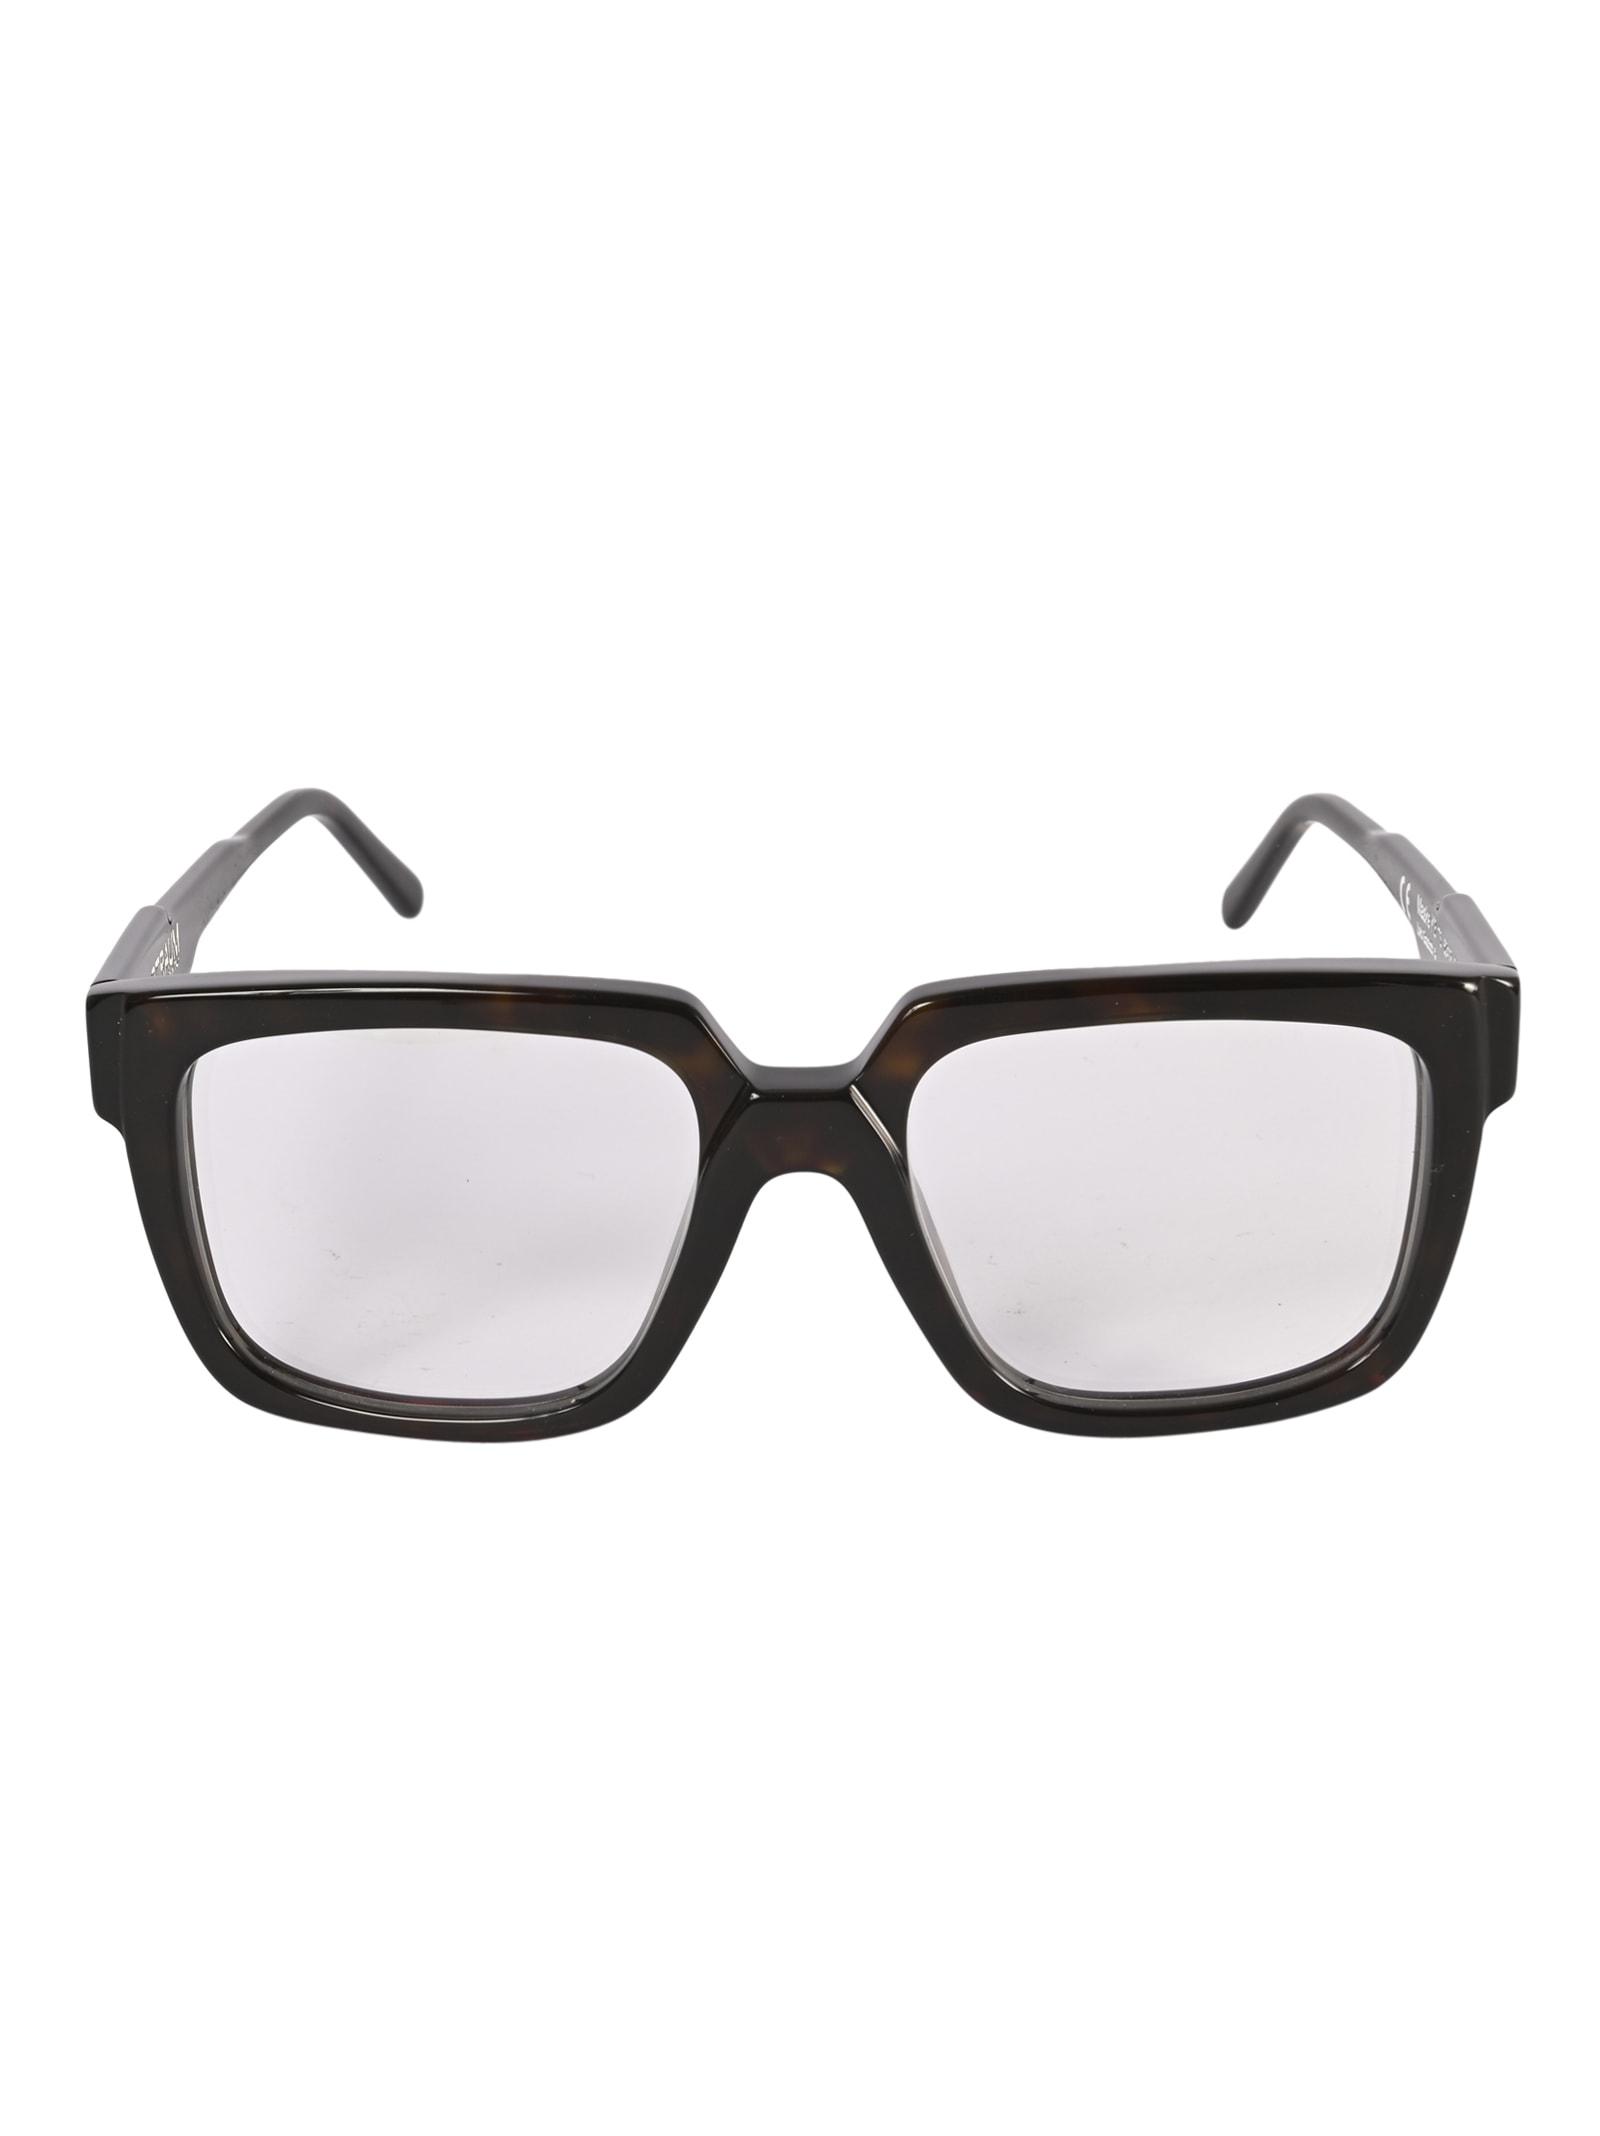 Kuboraum Opticals SQUARE CLASSIC FRAME GLASSES